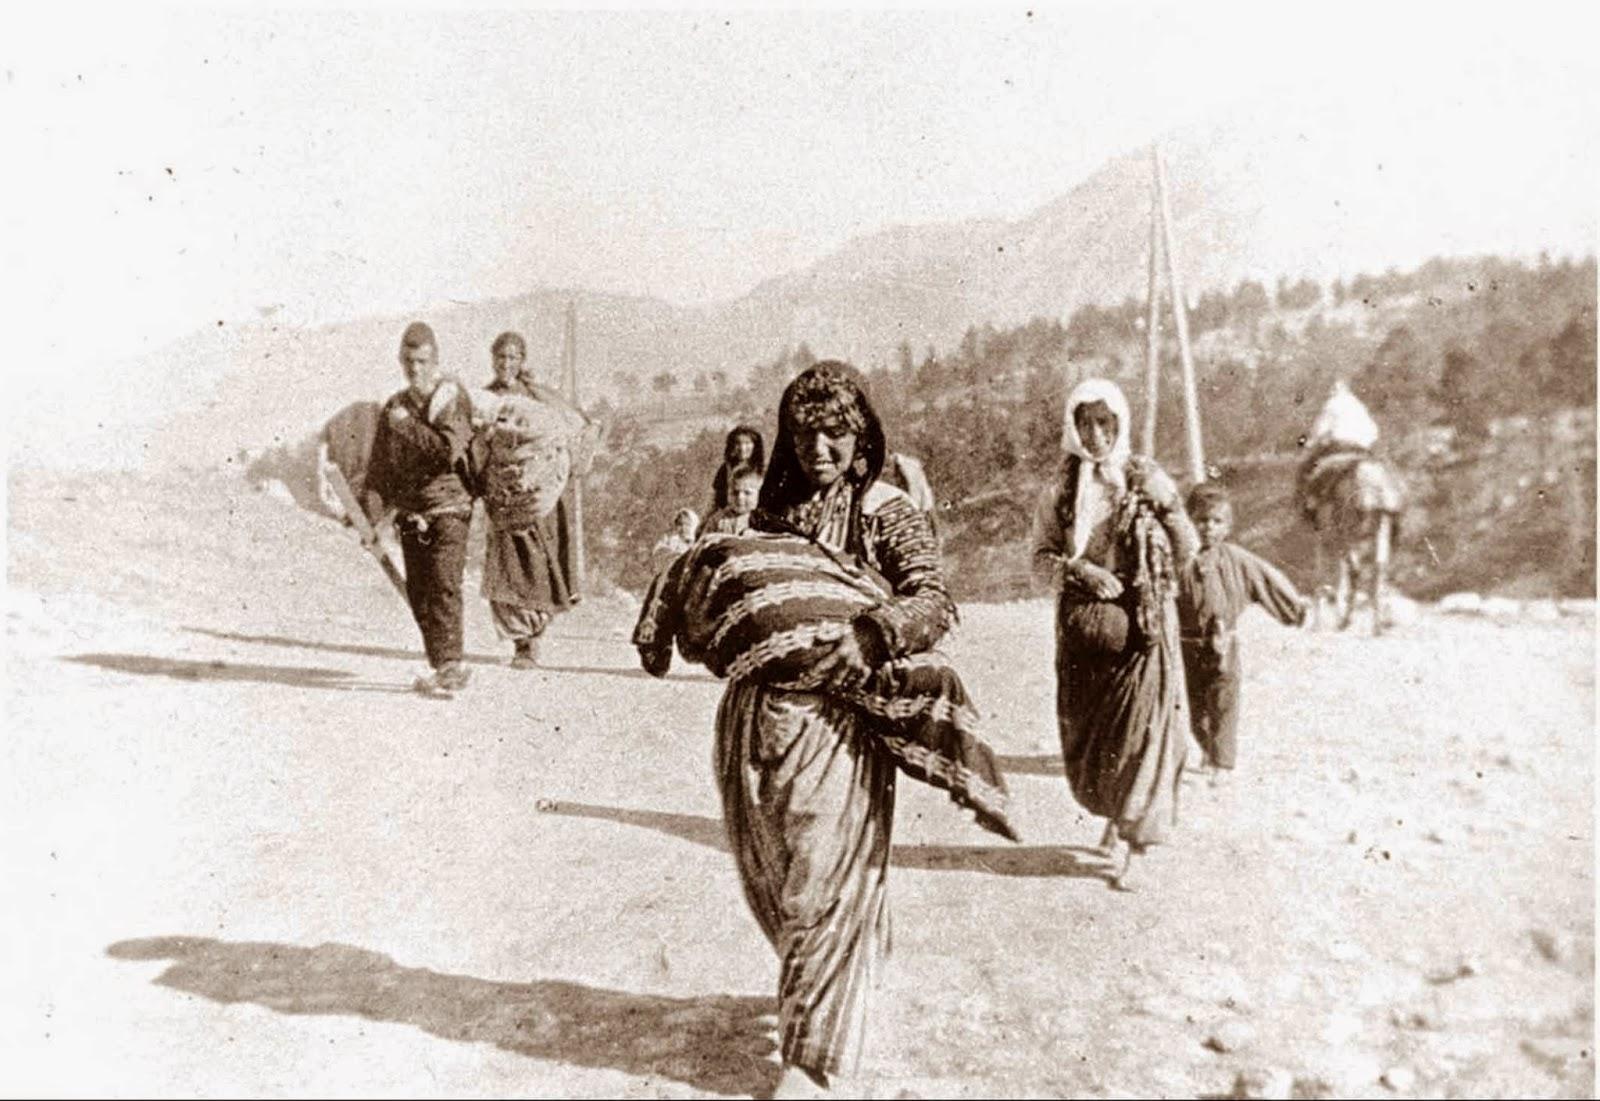 Archivo de fotos del Genocidio Armenio